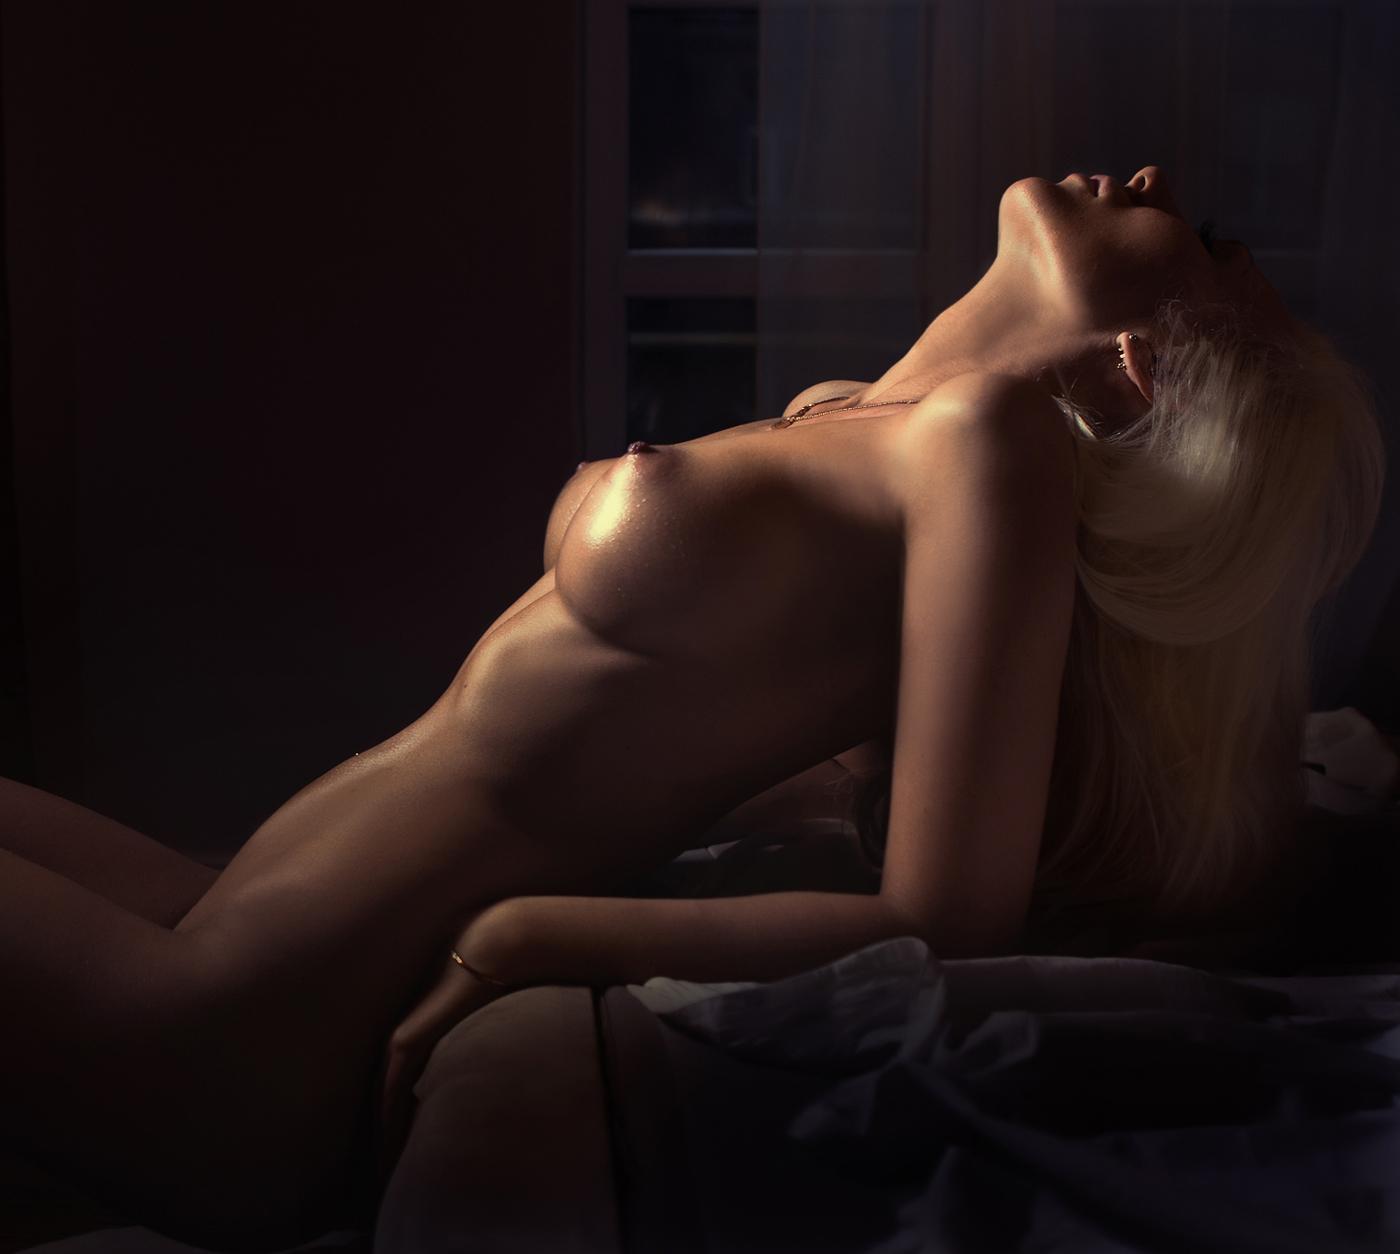 фото порно попок после секса